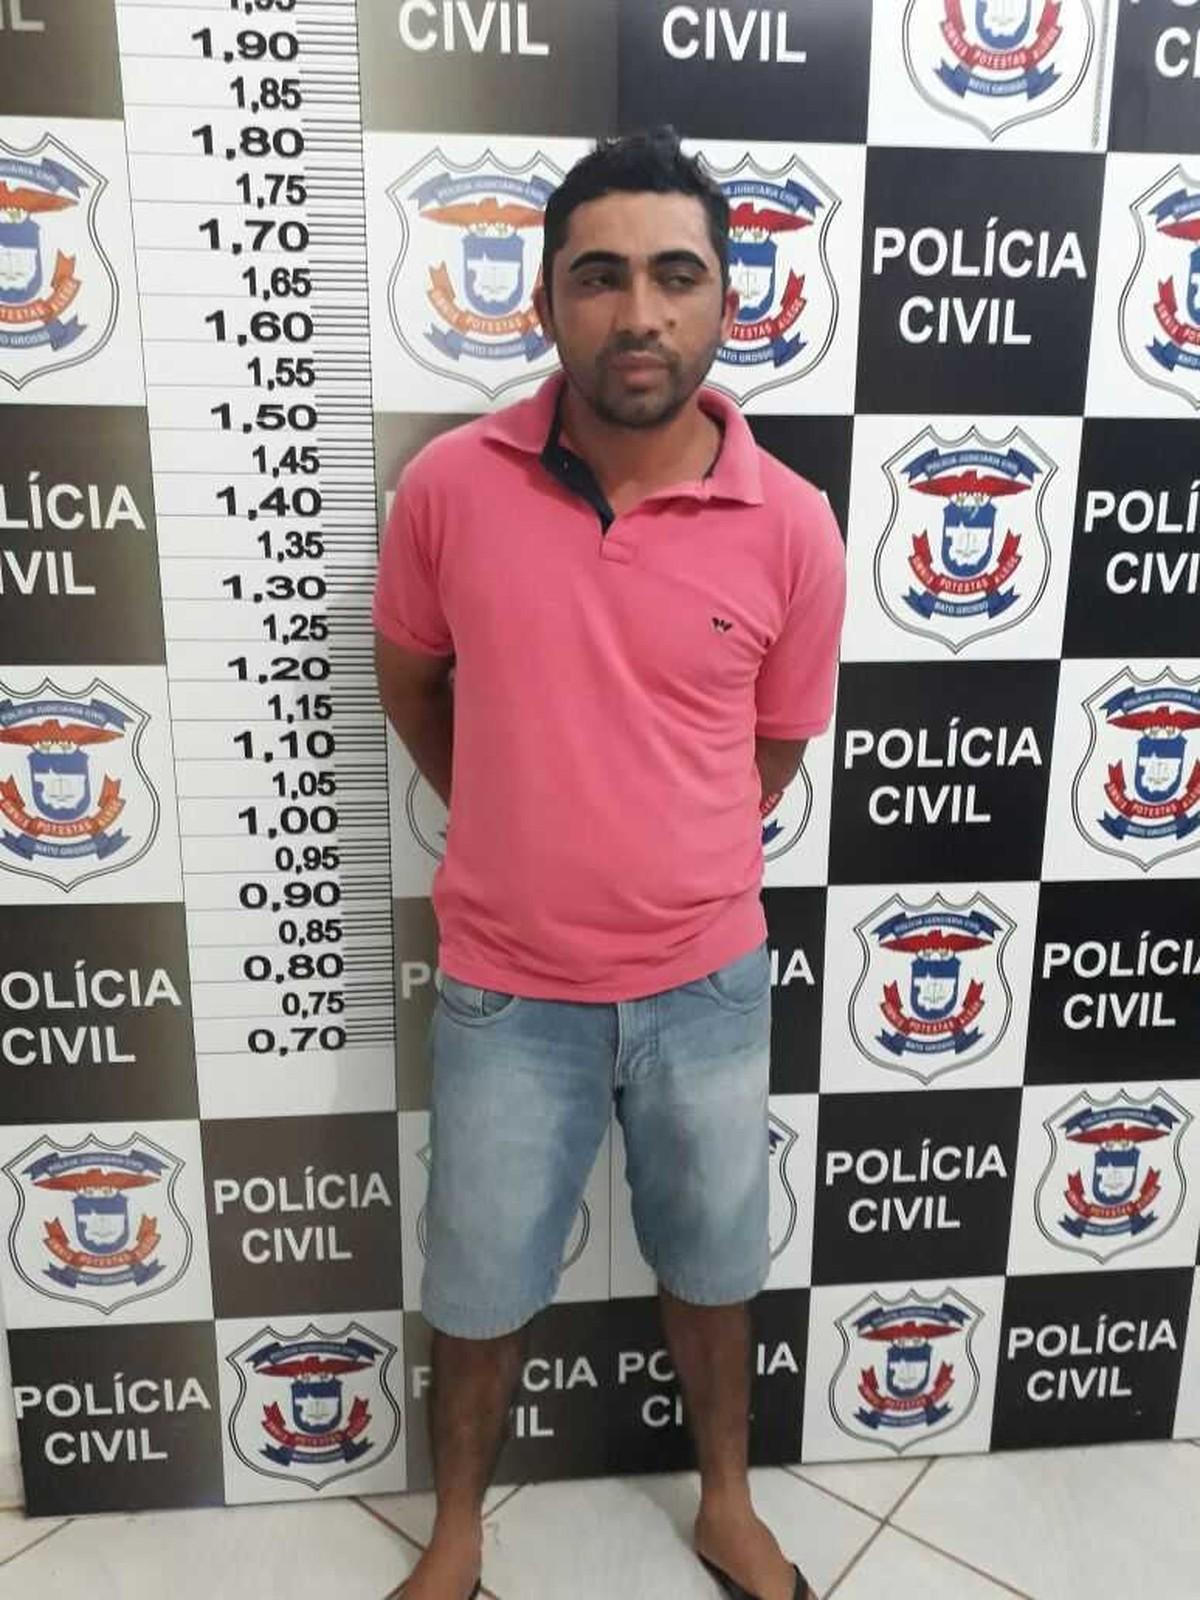 Homem condenado por morte de policial no MA e suspeito de assassinar mulher e travesti no DF é preso em MT